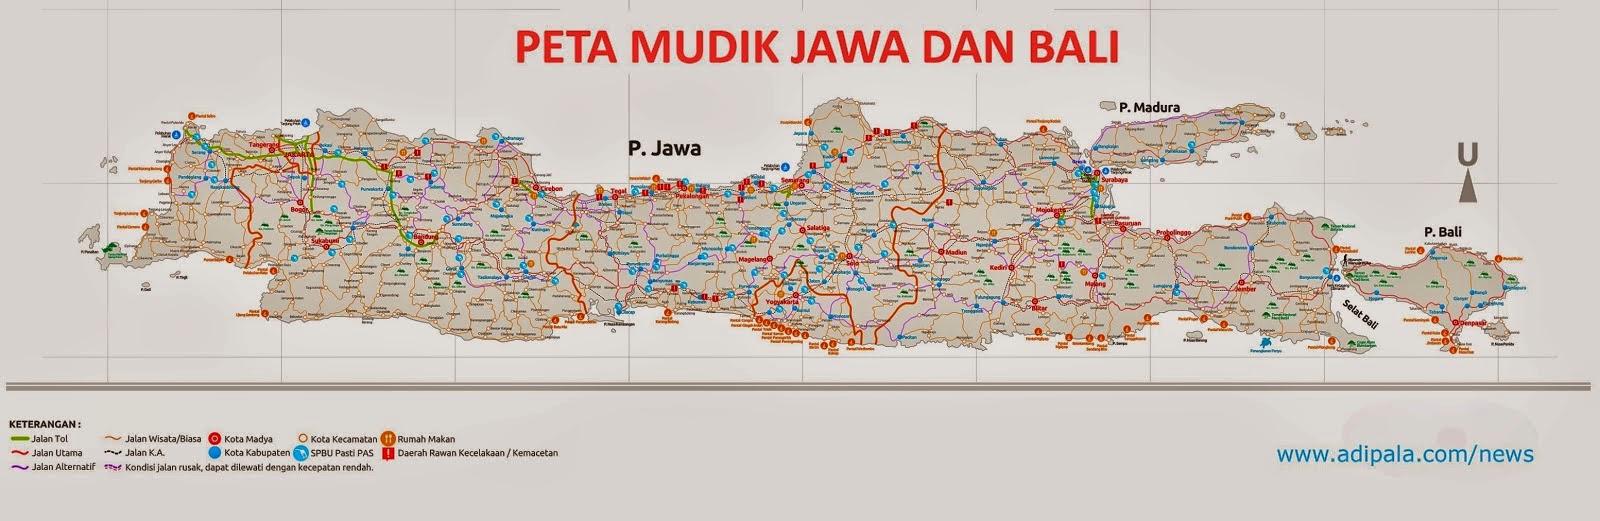 Peta Jalur Mudik Lebaran Jawa dan Bali 2017